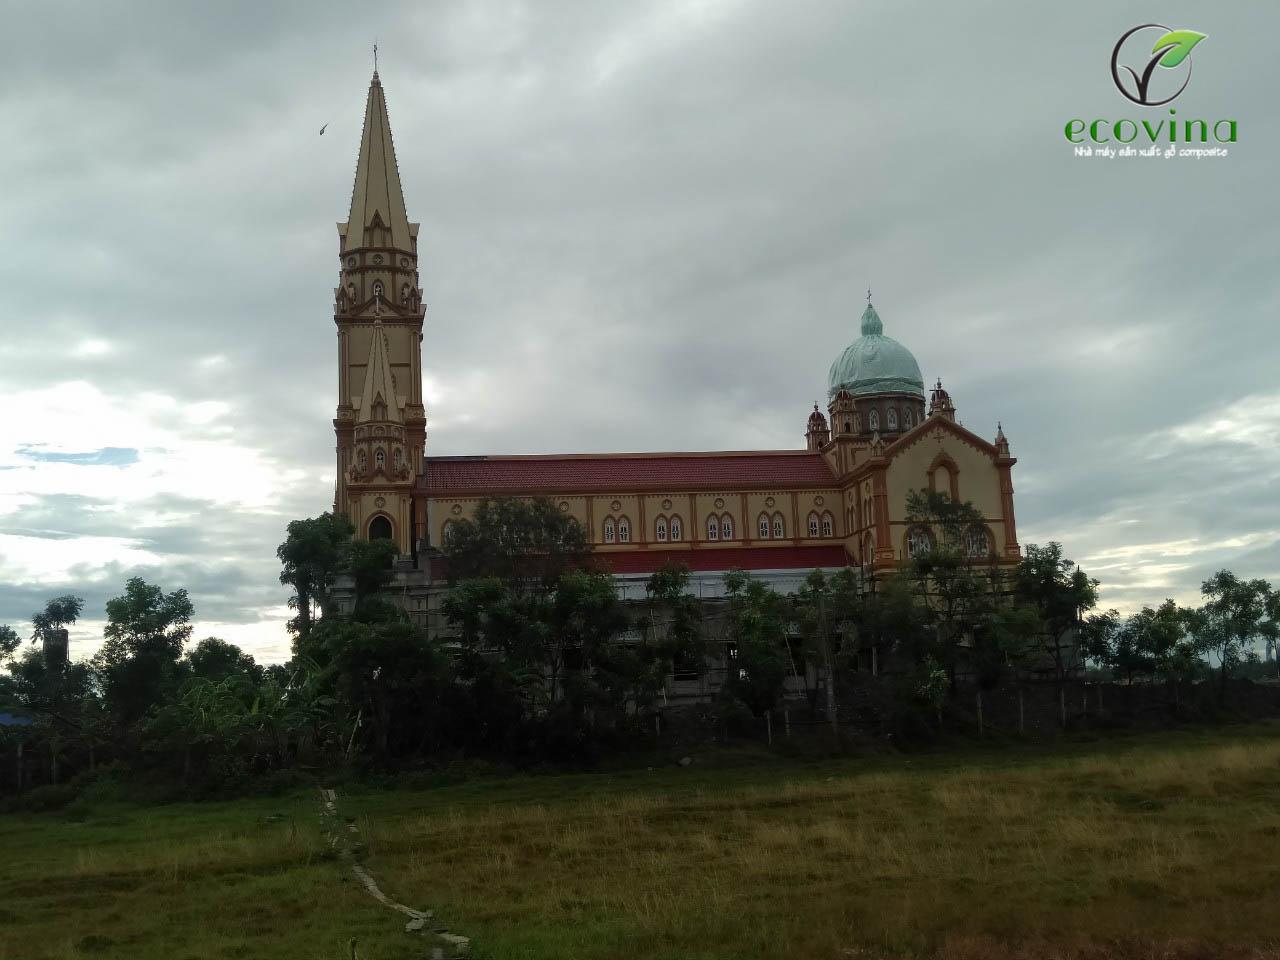 Ecovina thi công ốp trần gỗ nhựa composite cho nhà thờ tại Hà Tĩnh